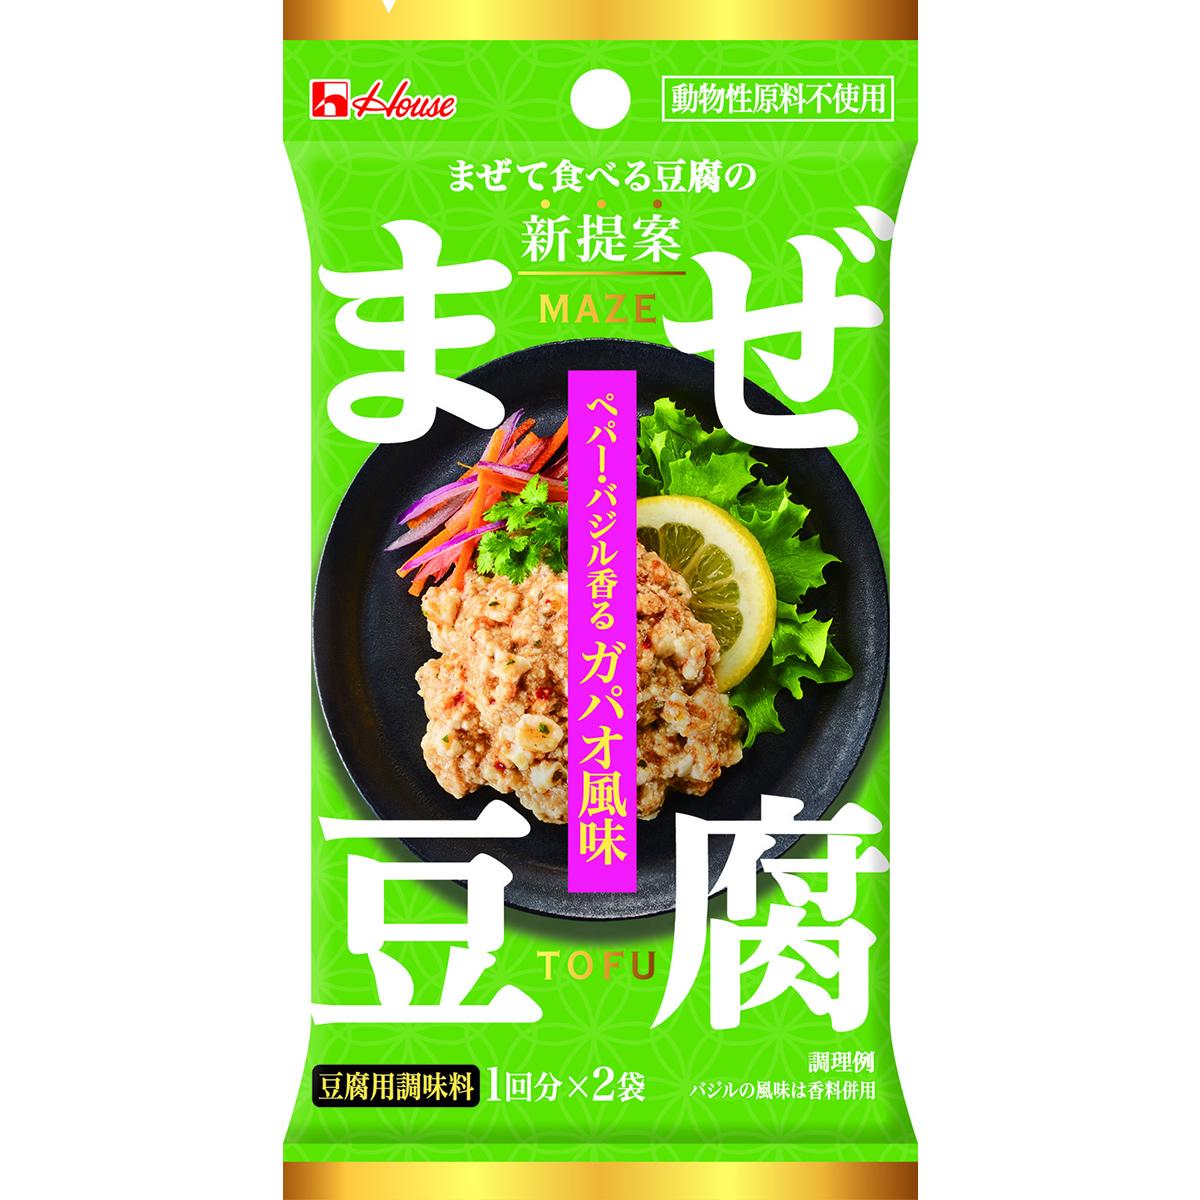 タイ料理×豆腐!ハウス食品「まぜ豆腐 ペパー・バジル香るガパオ風味」発売